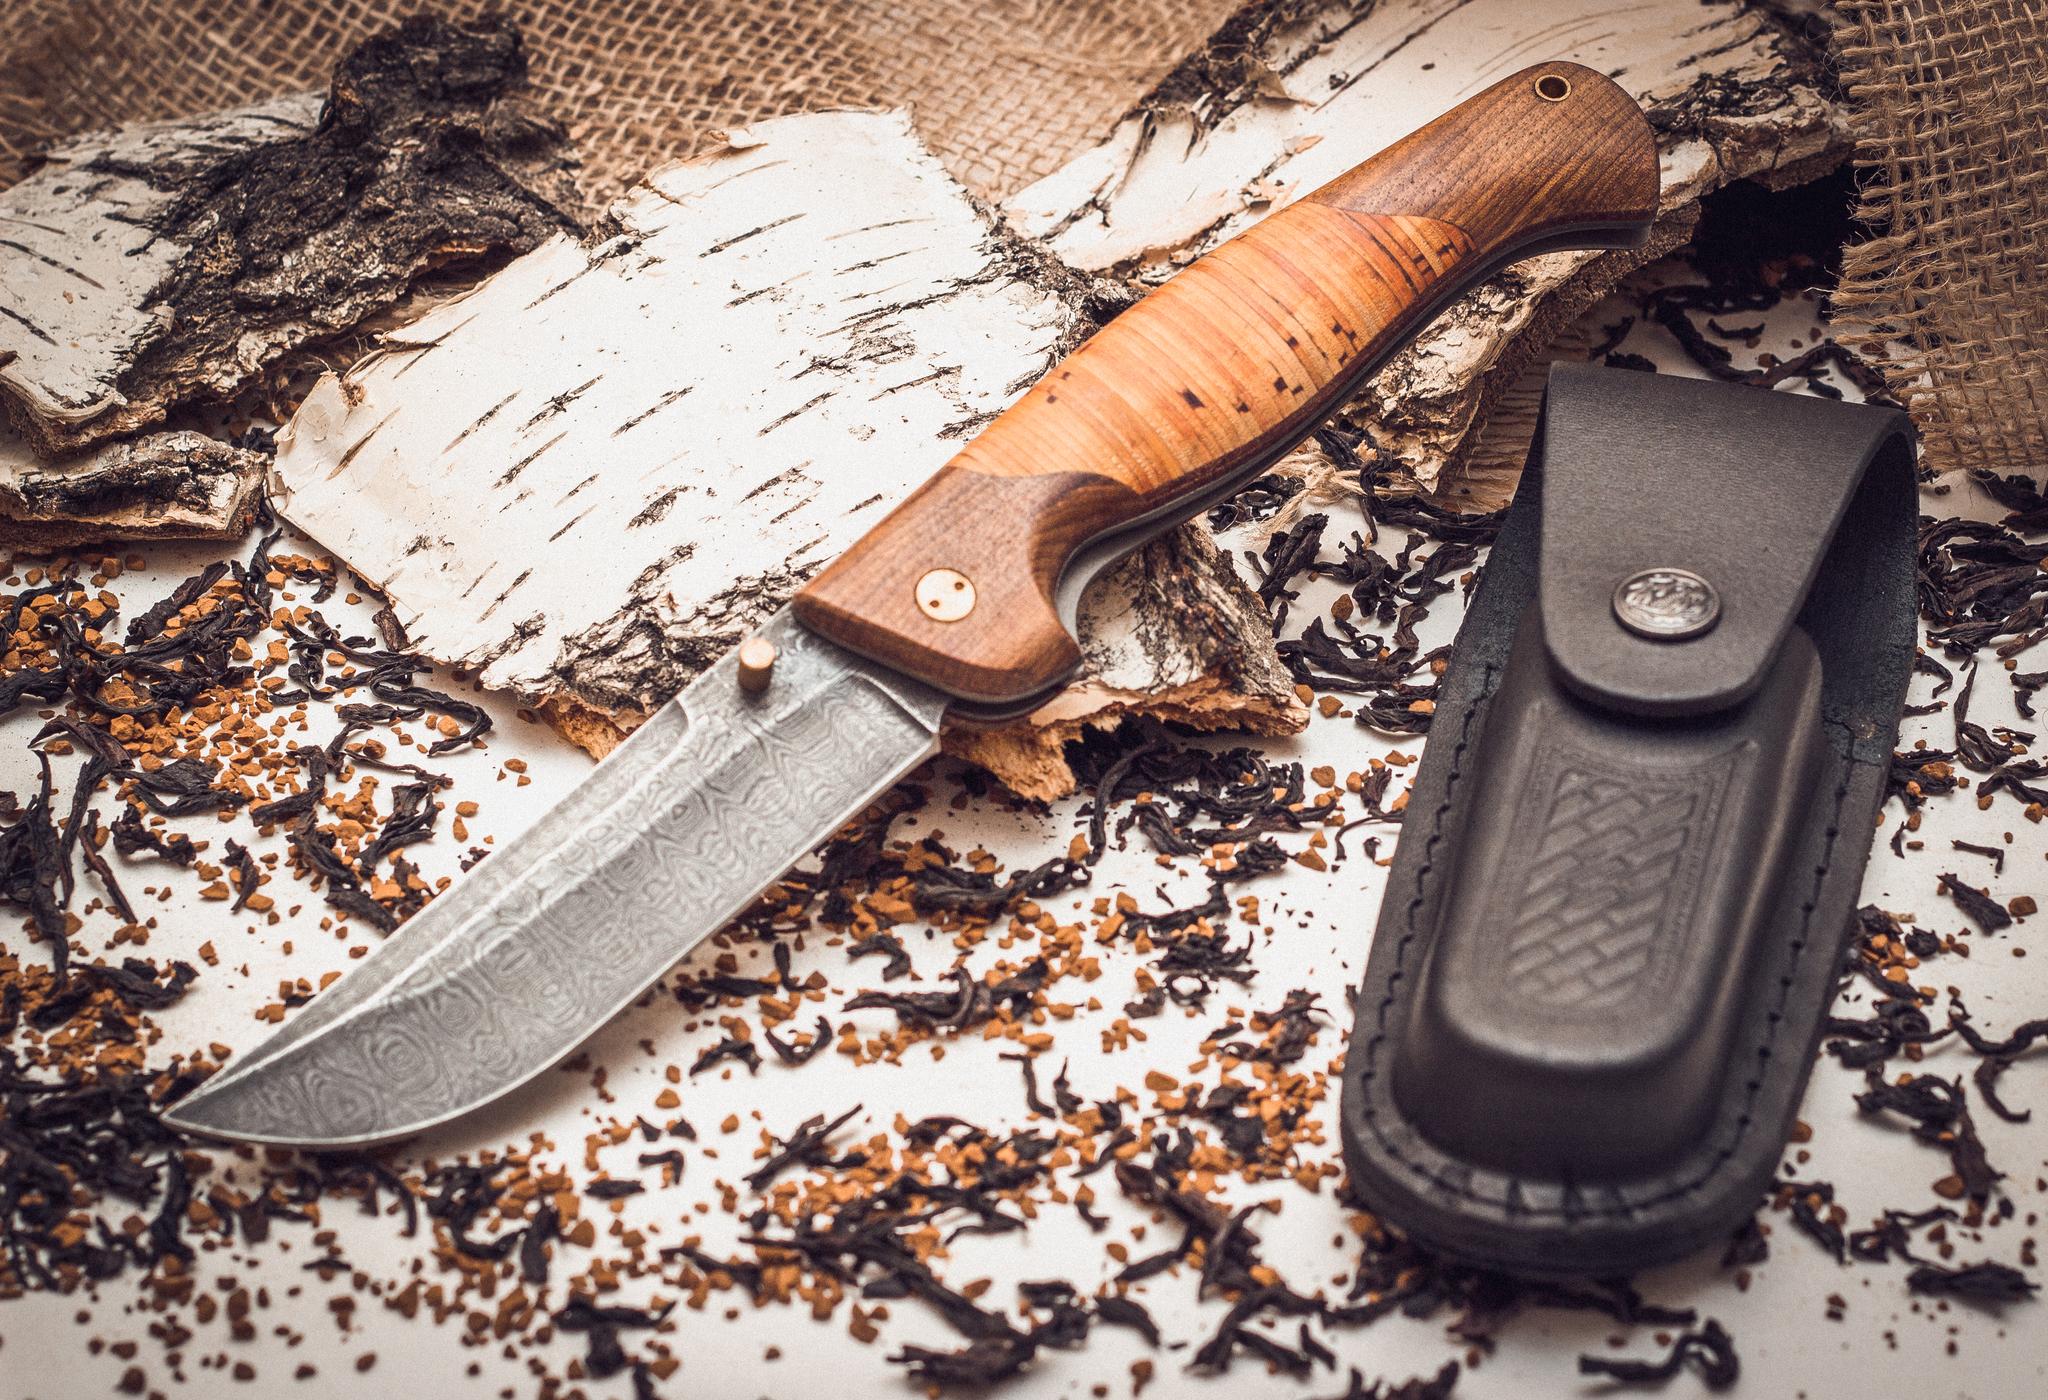 Фото 6 - Складной нож Страж 2, дамаск, береста от Марычев